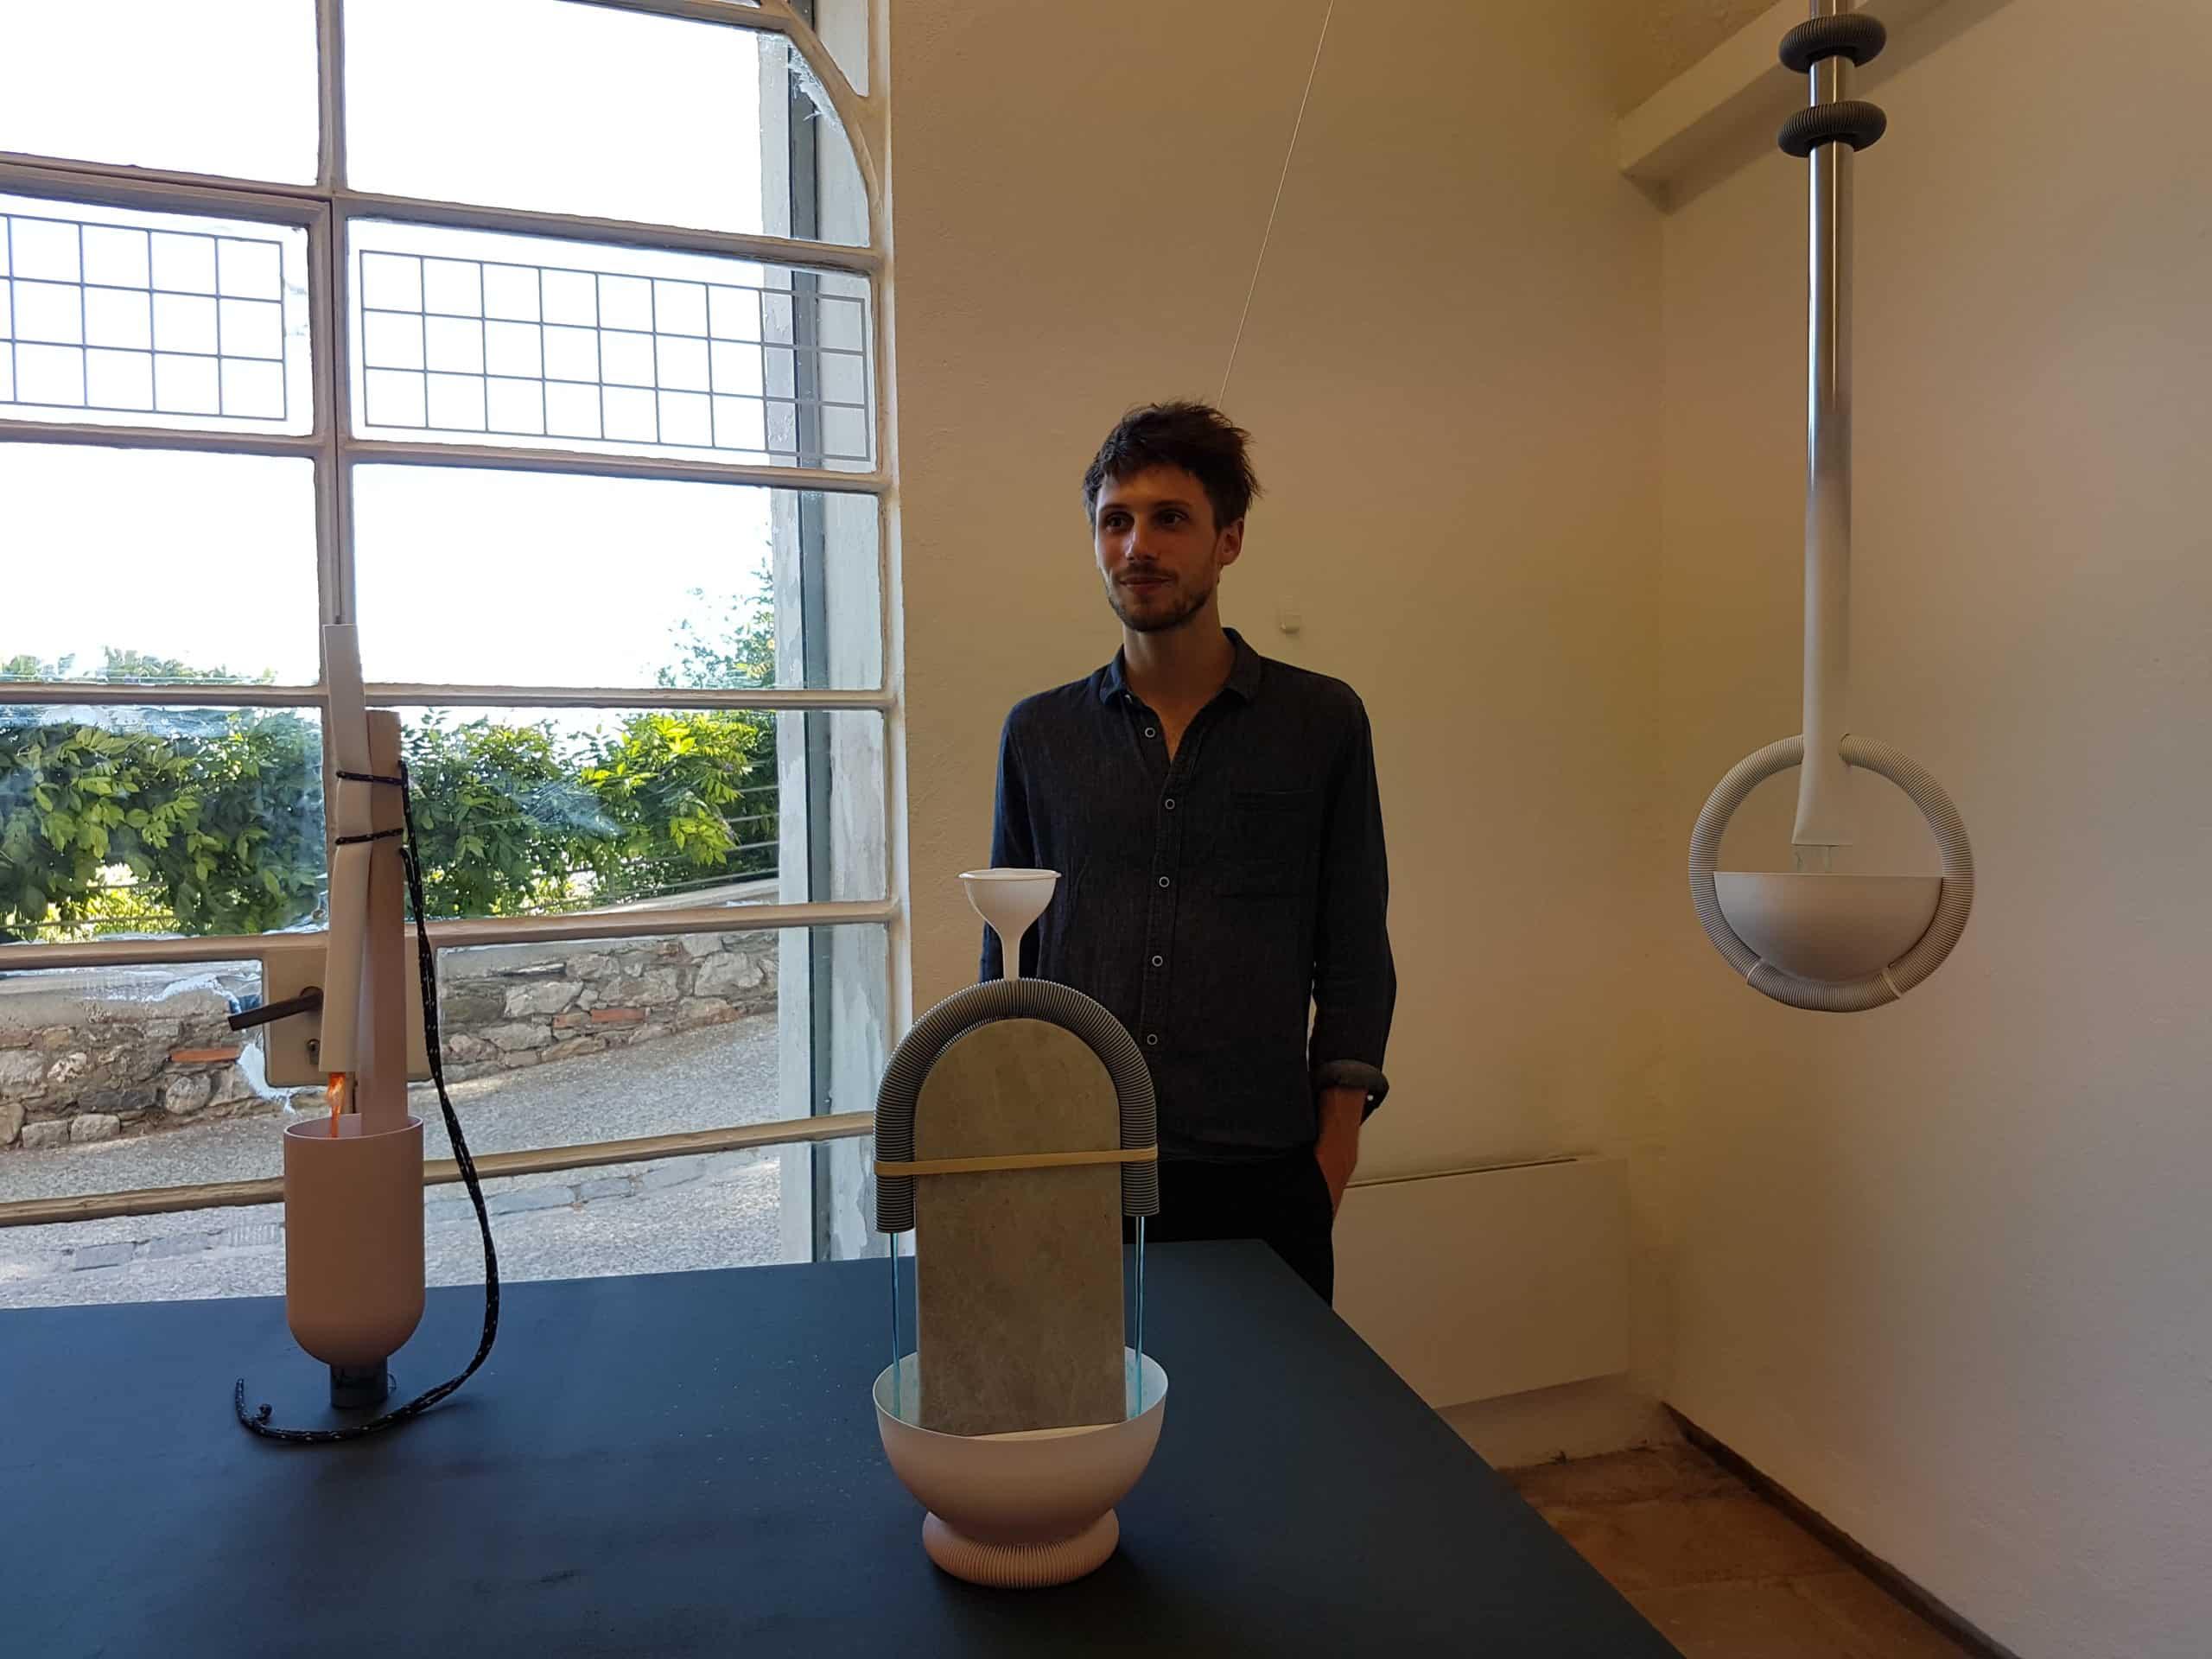 Arhur Hoffner et ses fontaines d'intérieur réalisées à partir d'objets usuels. Prix du public 2017.